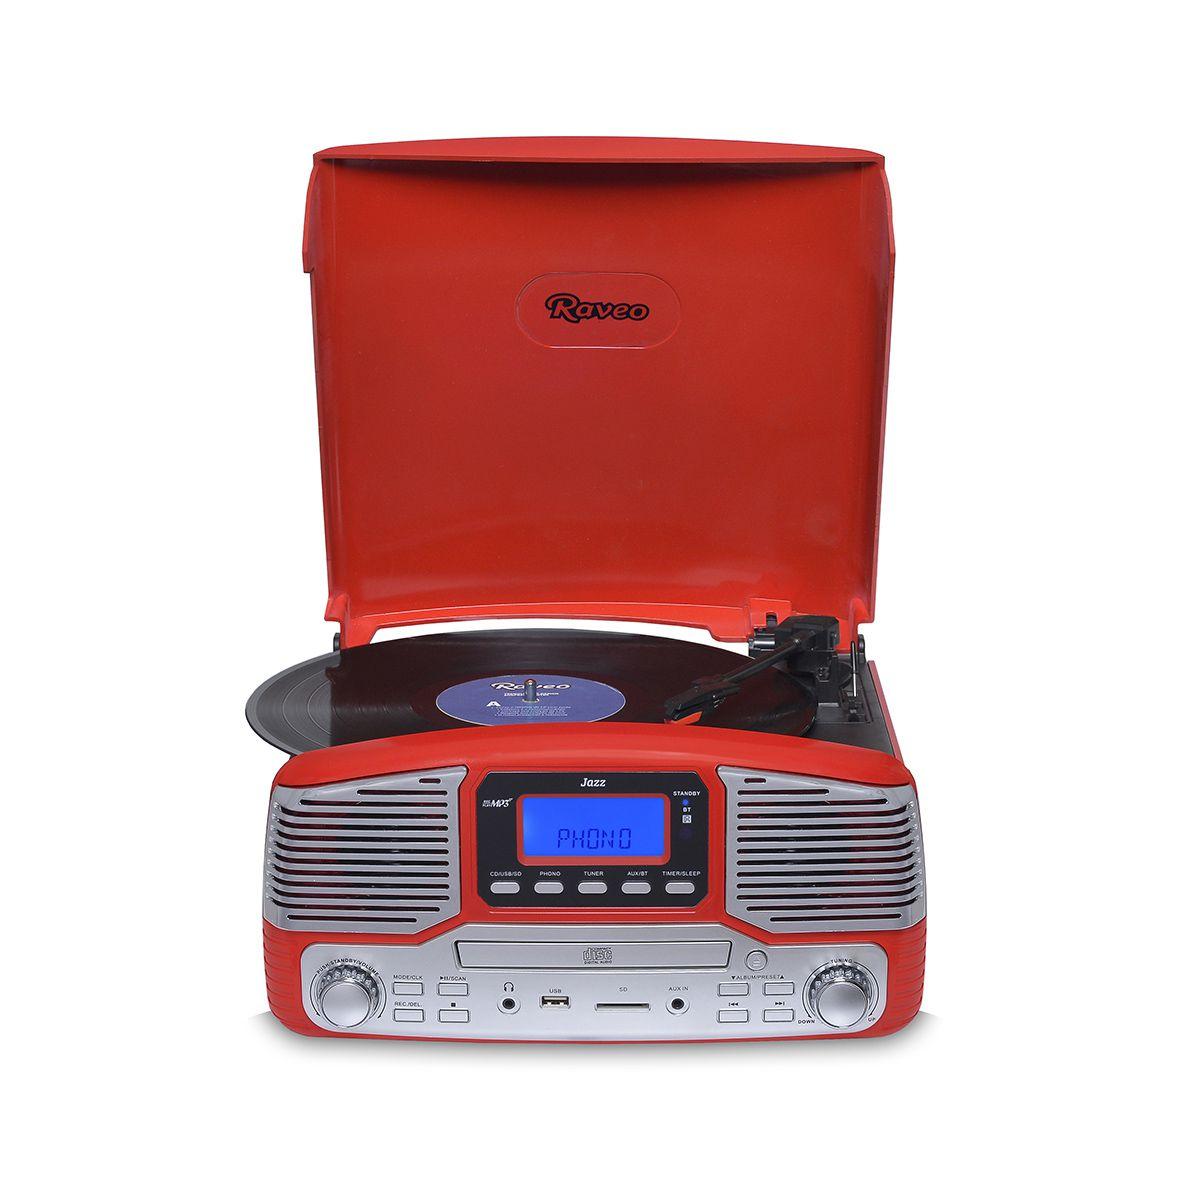 Vitrola Raveo Jazz Vermelho Toca Disco, Bluetooth, CD, FM, USB e SD Rec